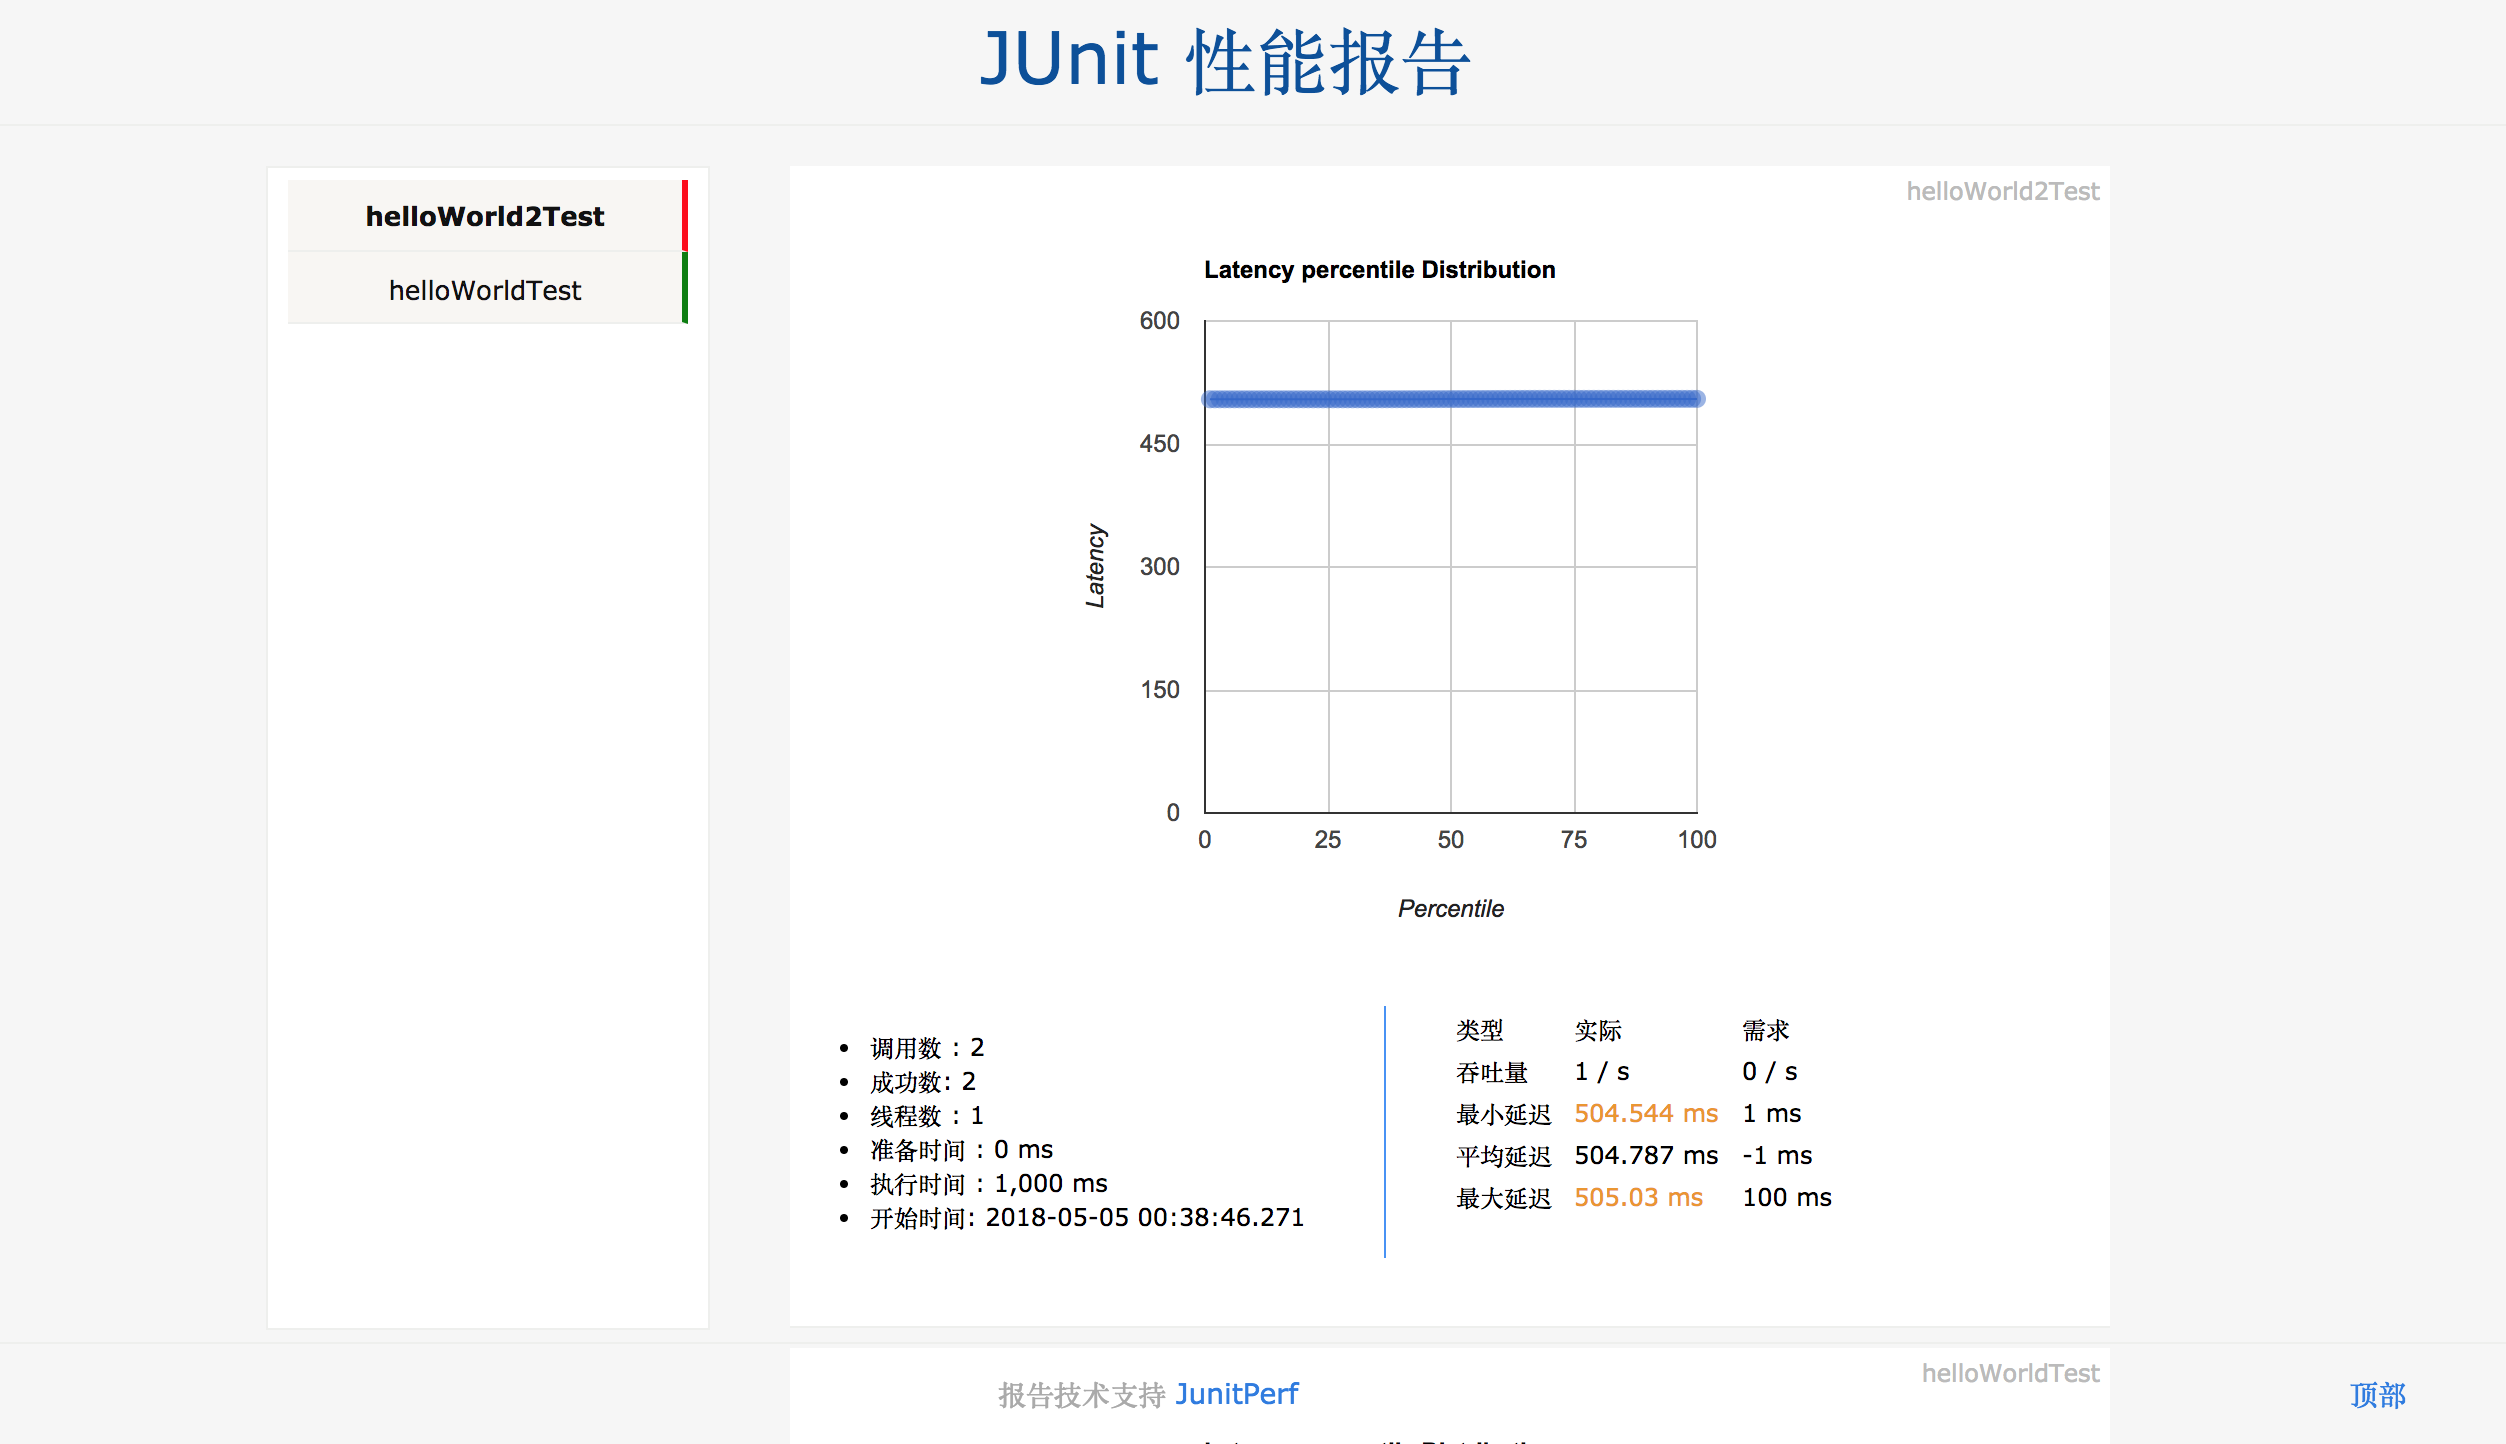 junitperf-report-html.png